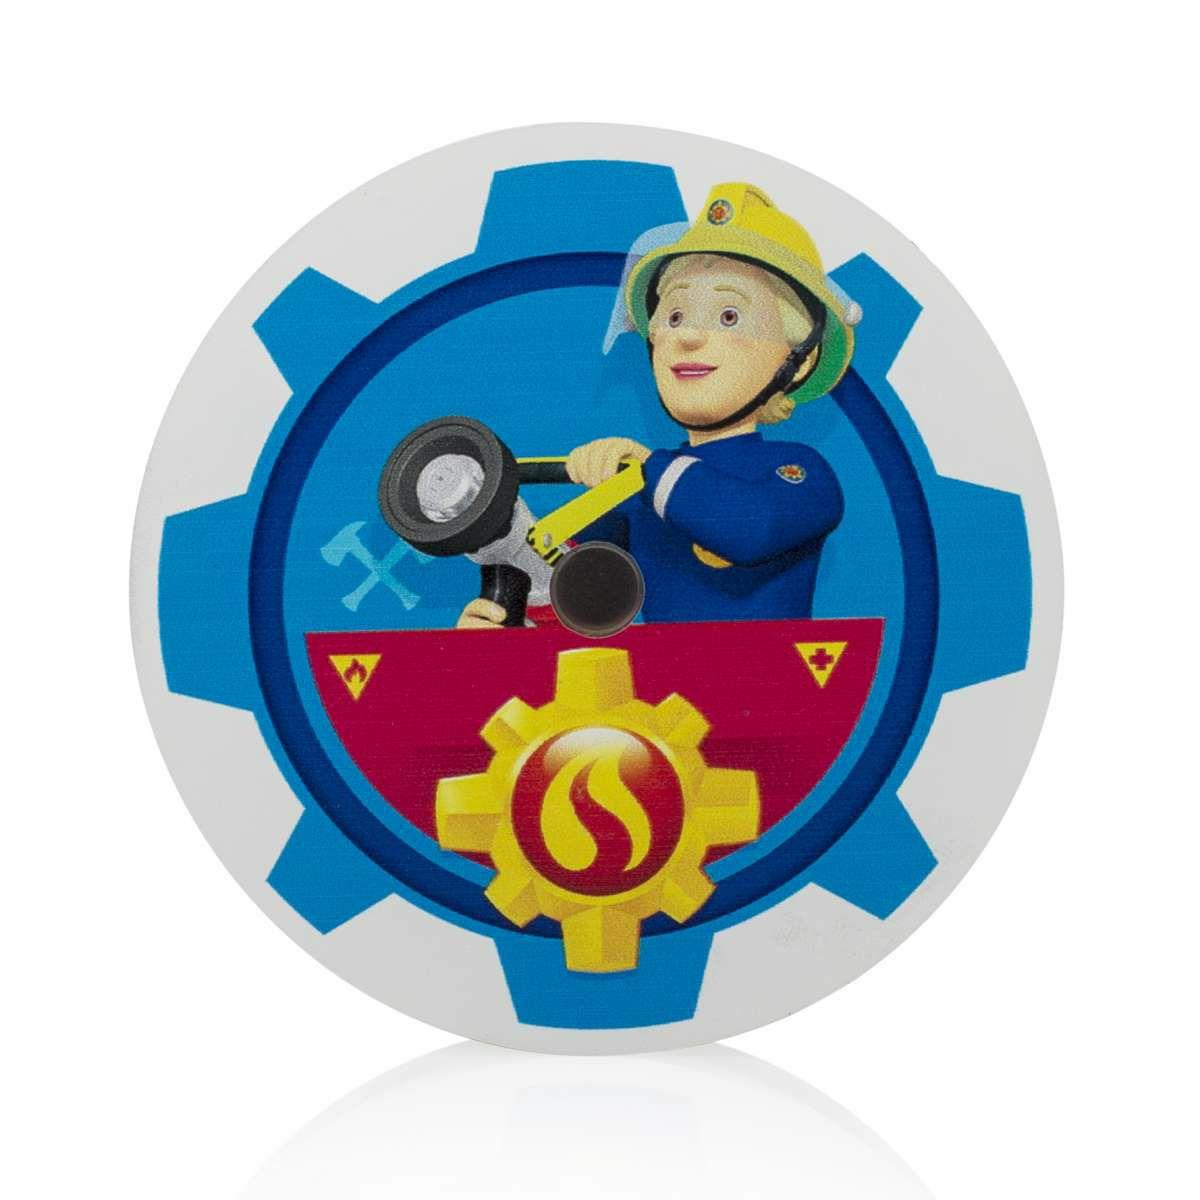 Smartwares Rauchwarnmelder Feuerwehr-Frau Penny für 2€ & Wegfall Versandkosten für alle anderen Artikel